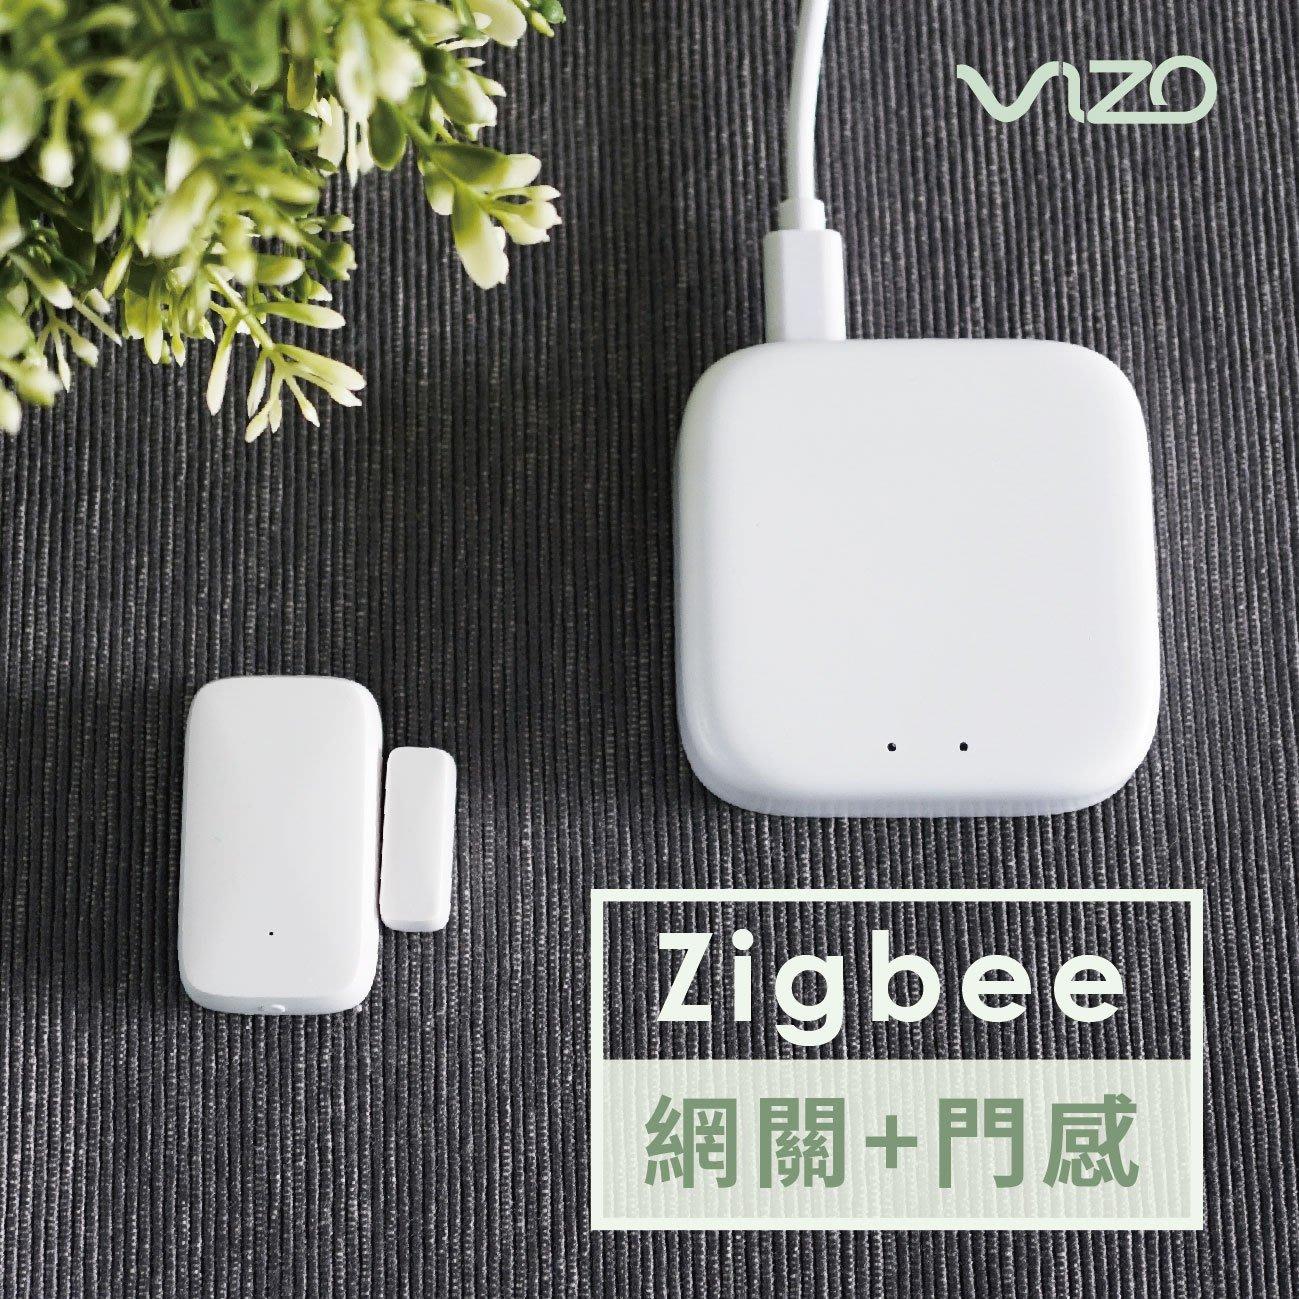 【超值組1+1】VIZO Zigbee網關+門窗感應器